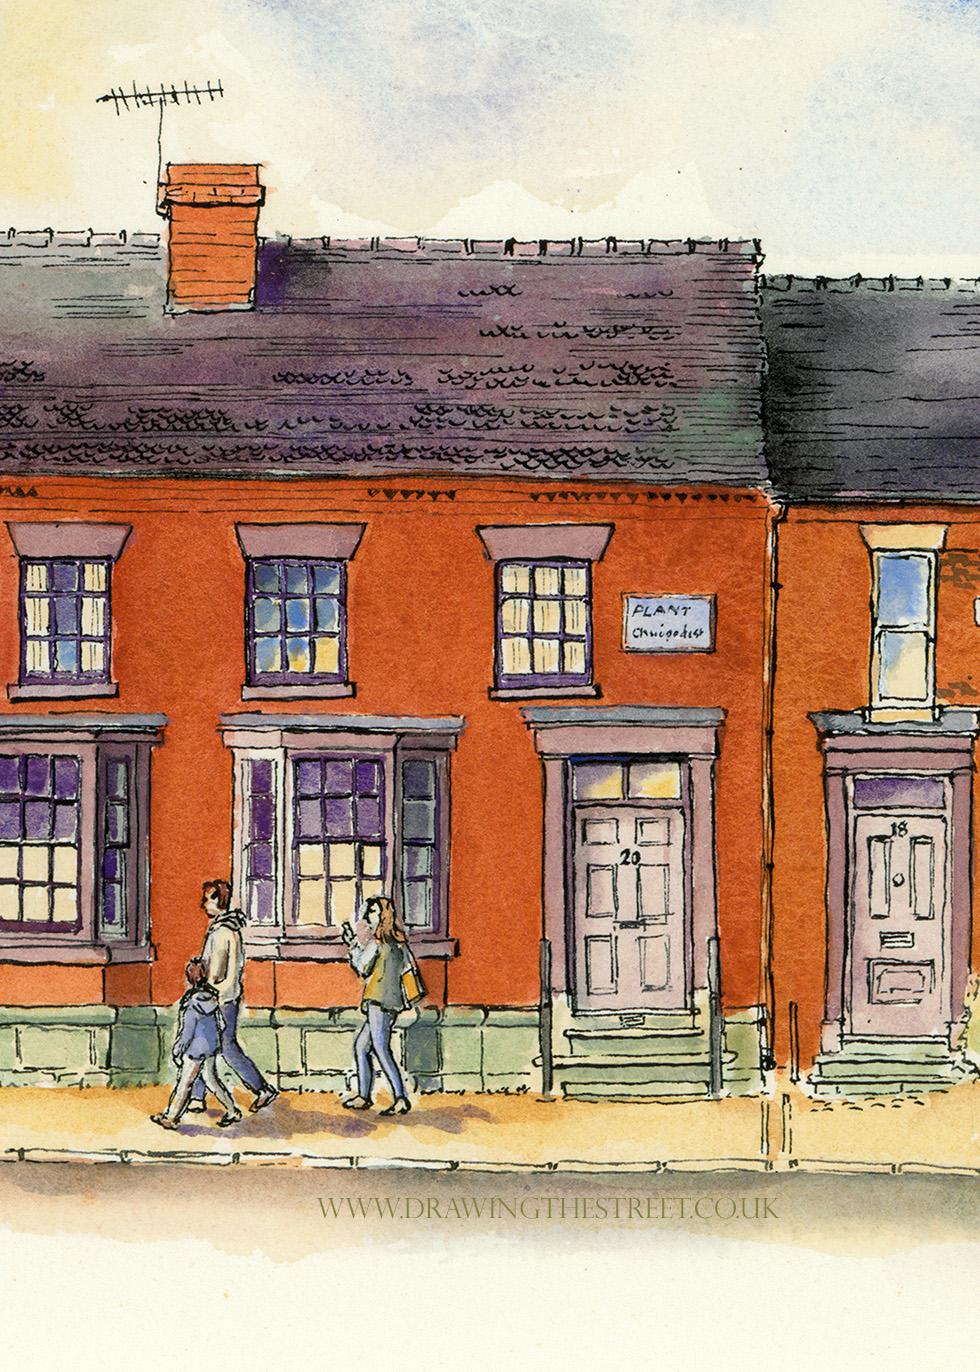 20 stafford street, Eccleshall drawn by ronnie cruwys